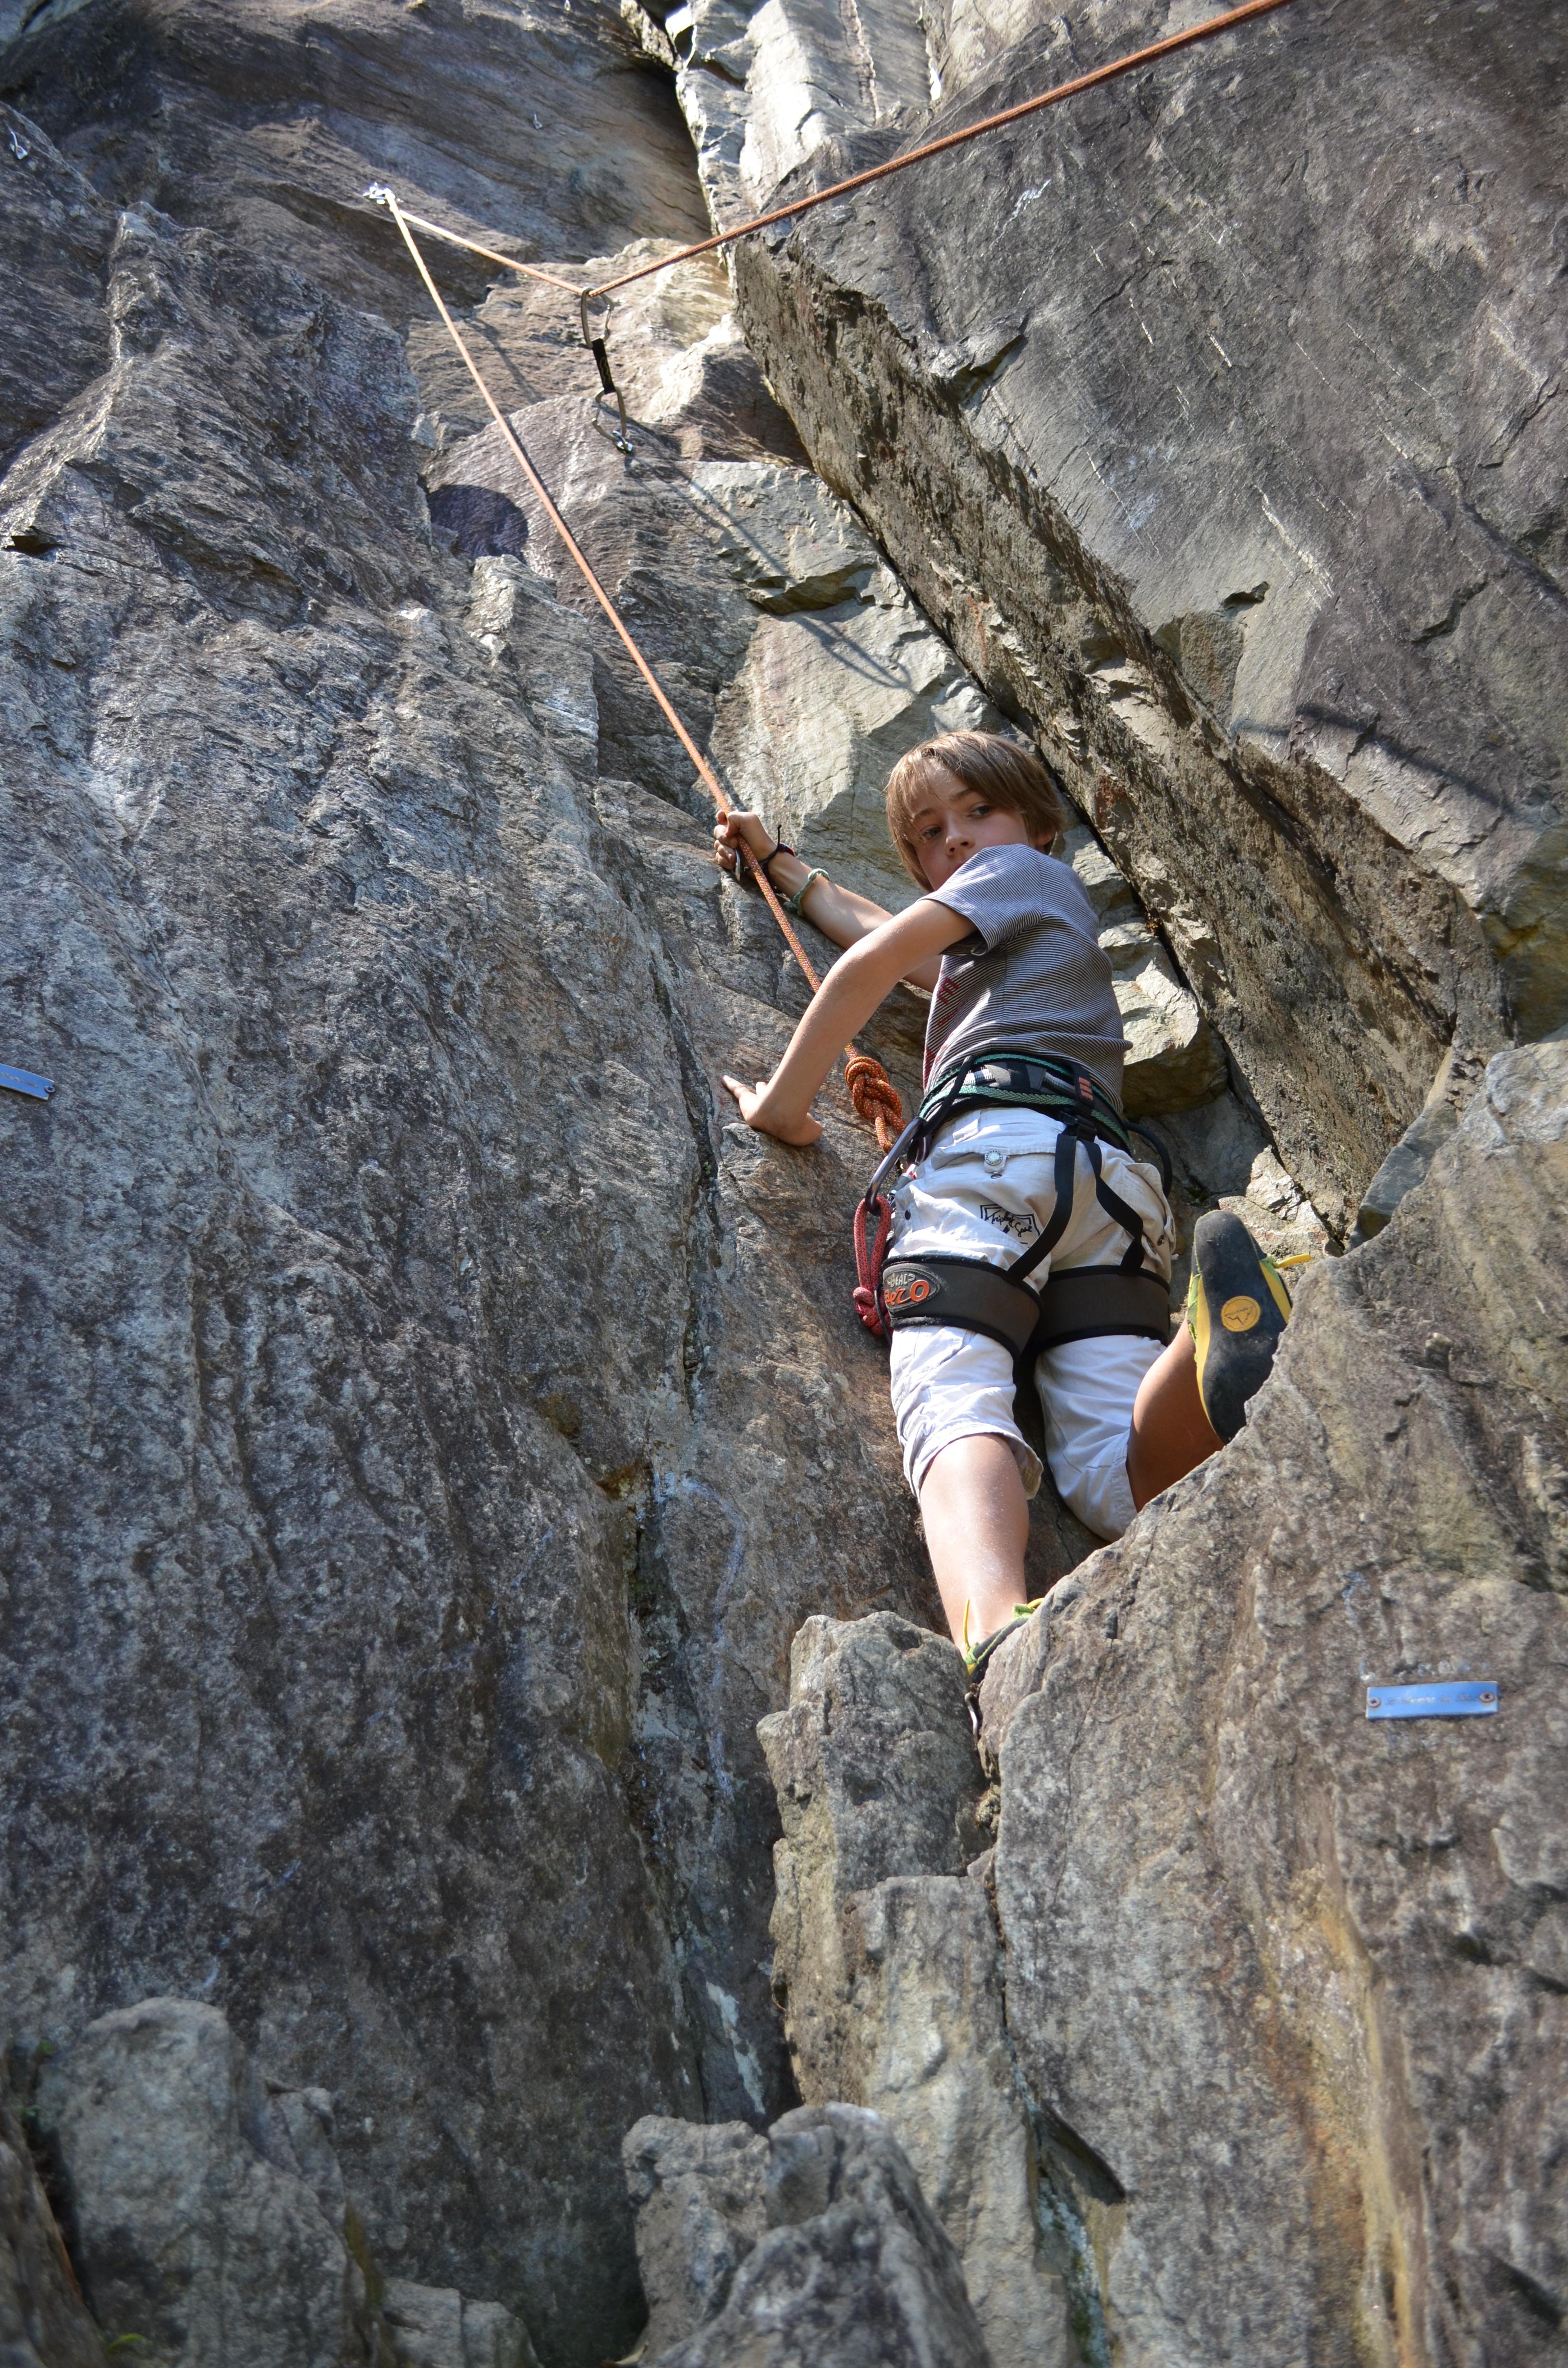 Falaise d'escalade de Saint-Leger © Jacqueline Guillaume